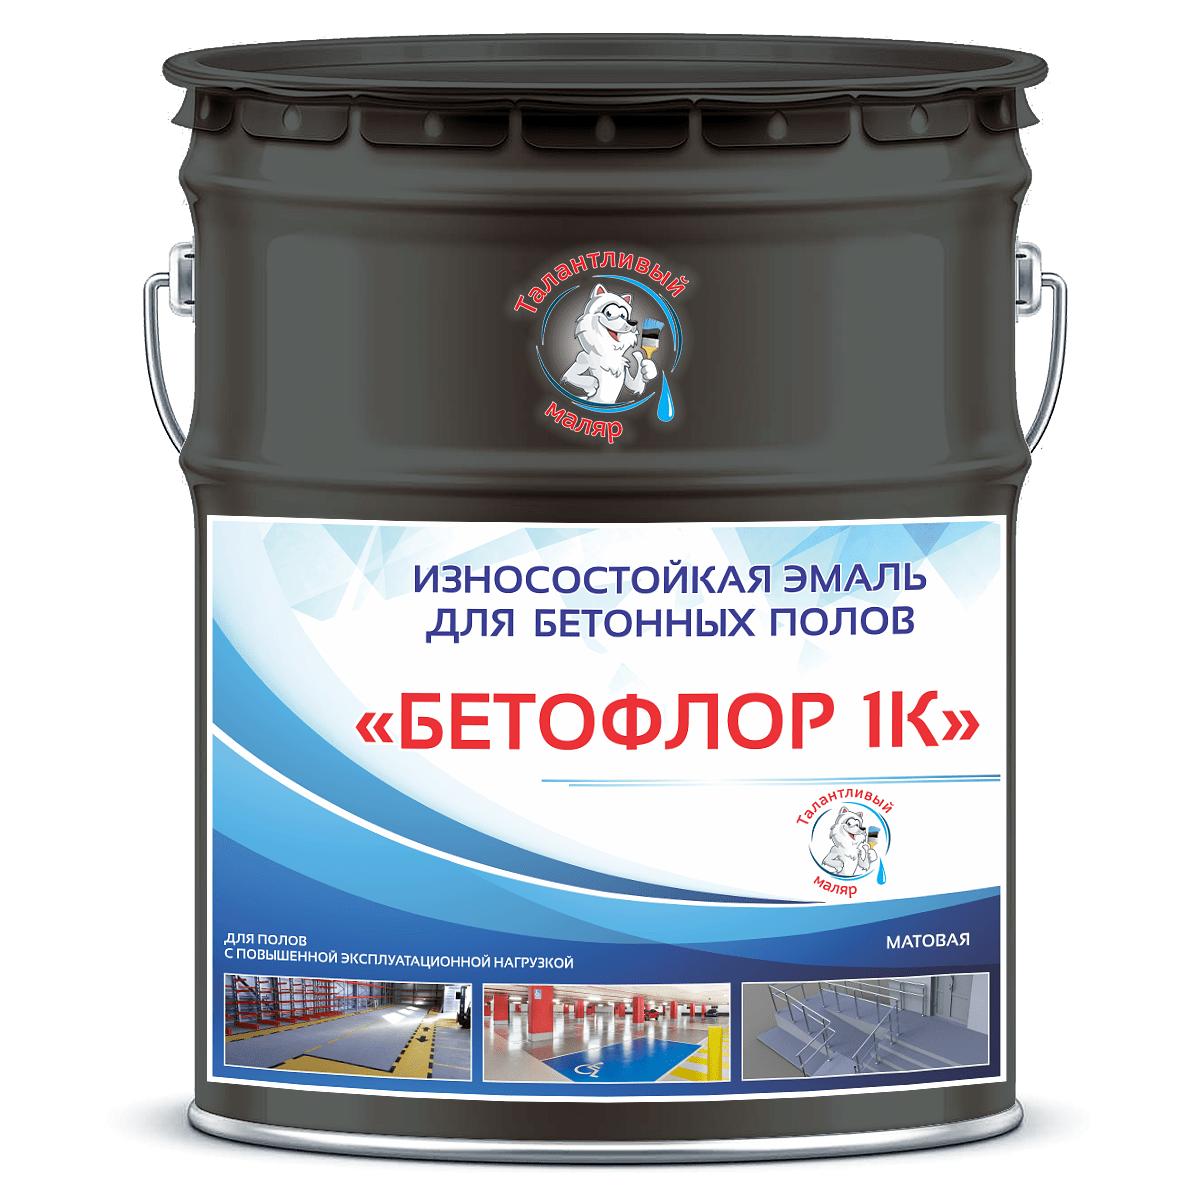 """Фото 16 - BF7021 Эмаль для бетонных полов """"Бетофлор"""" 1К цвет RAL 7021 Чёрно-серый, матовая износостойкая, 25 кг """"Талантливый Маляр""""."""